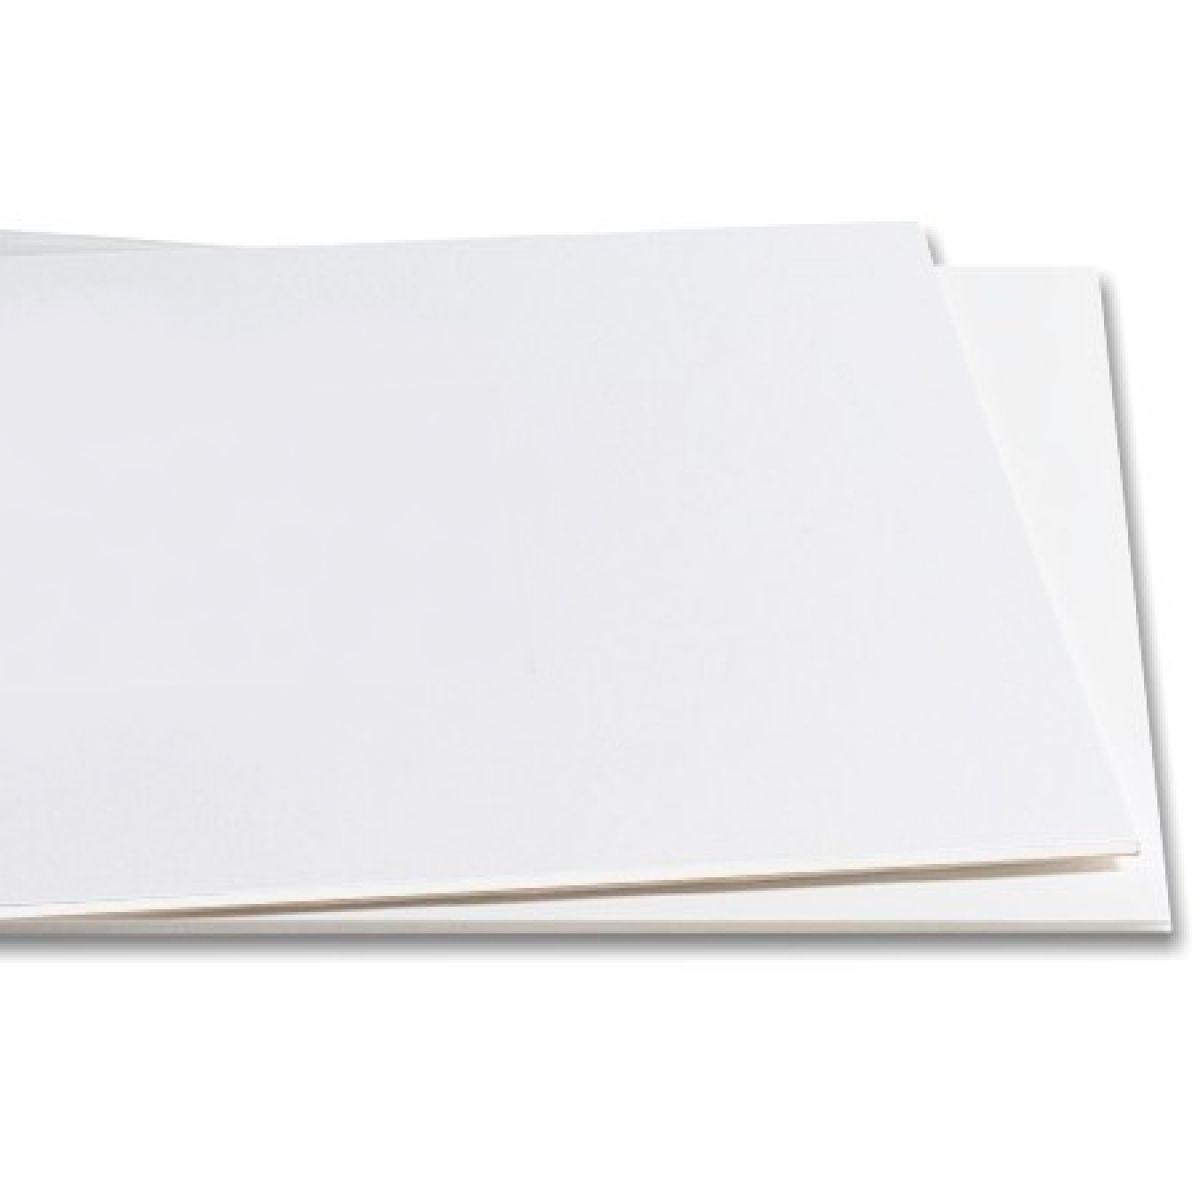 Papel Couche Fosco 170g A4 Embalagem Com 050 Folhas Phandora